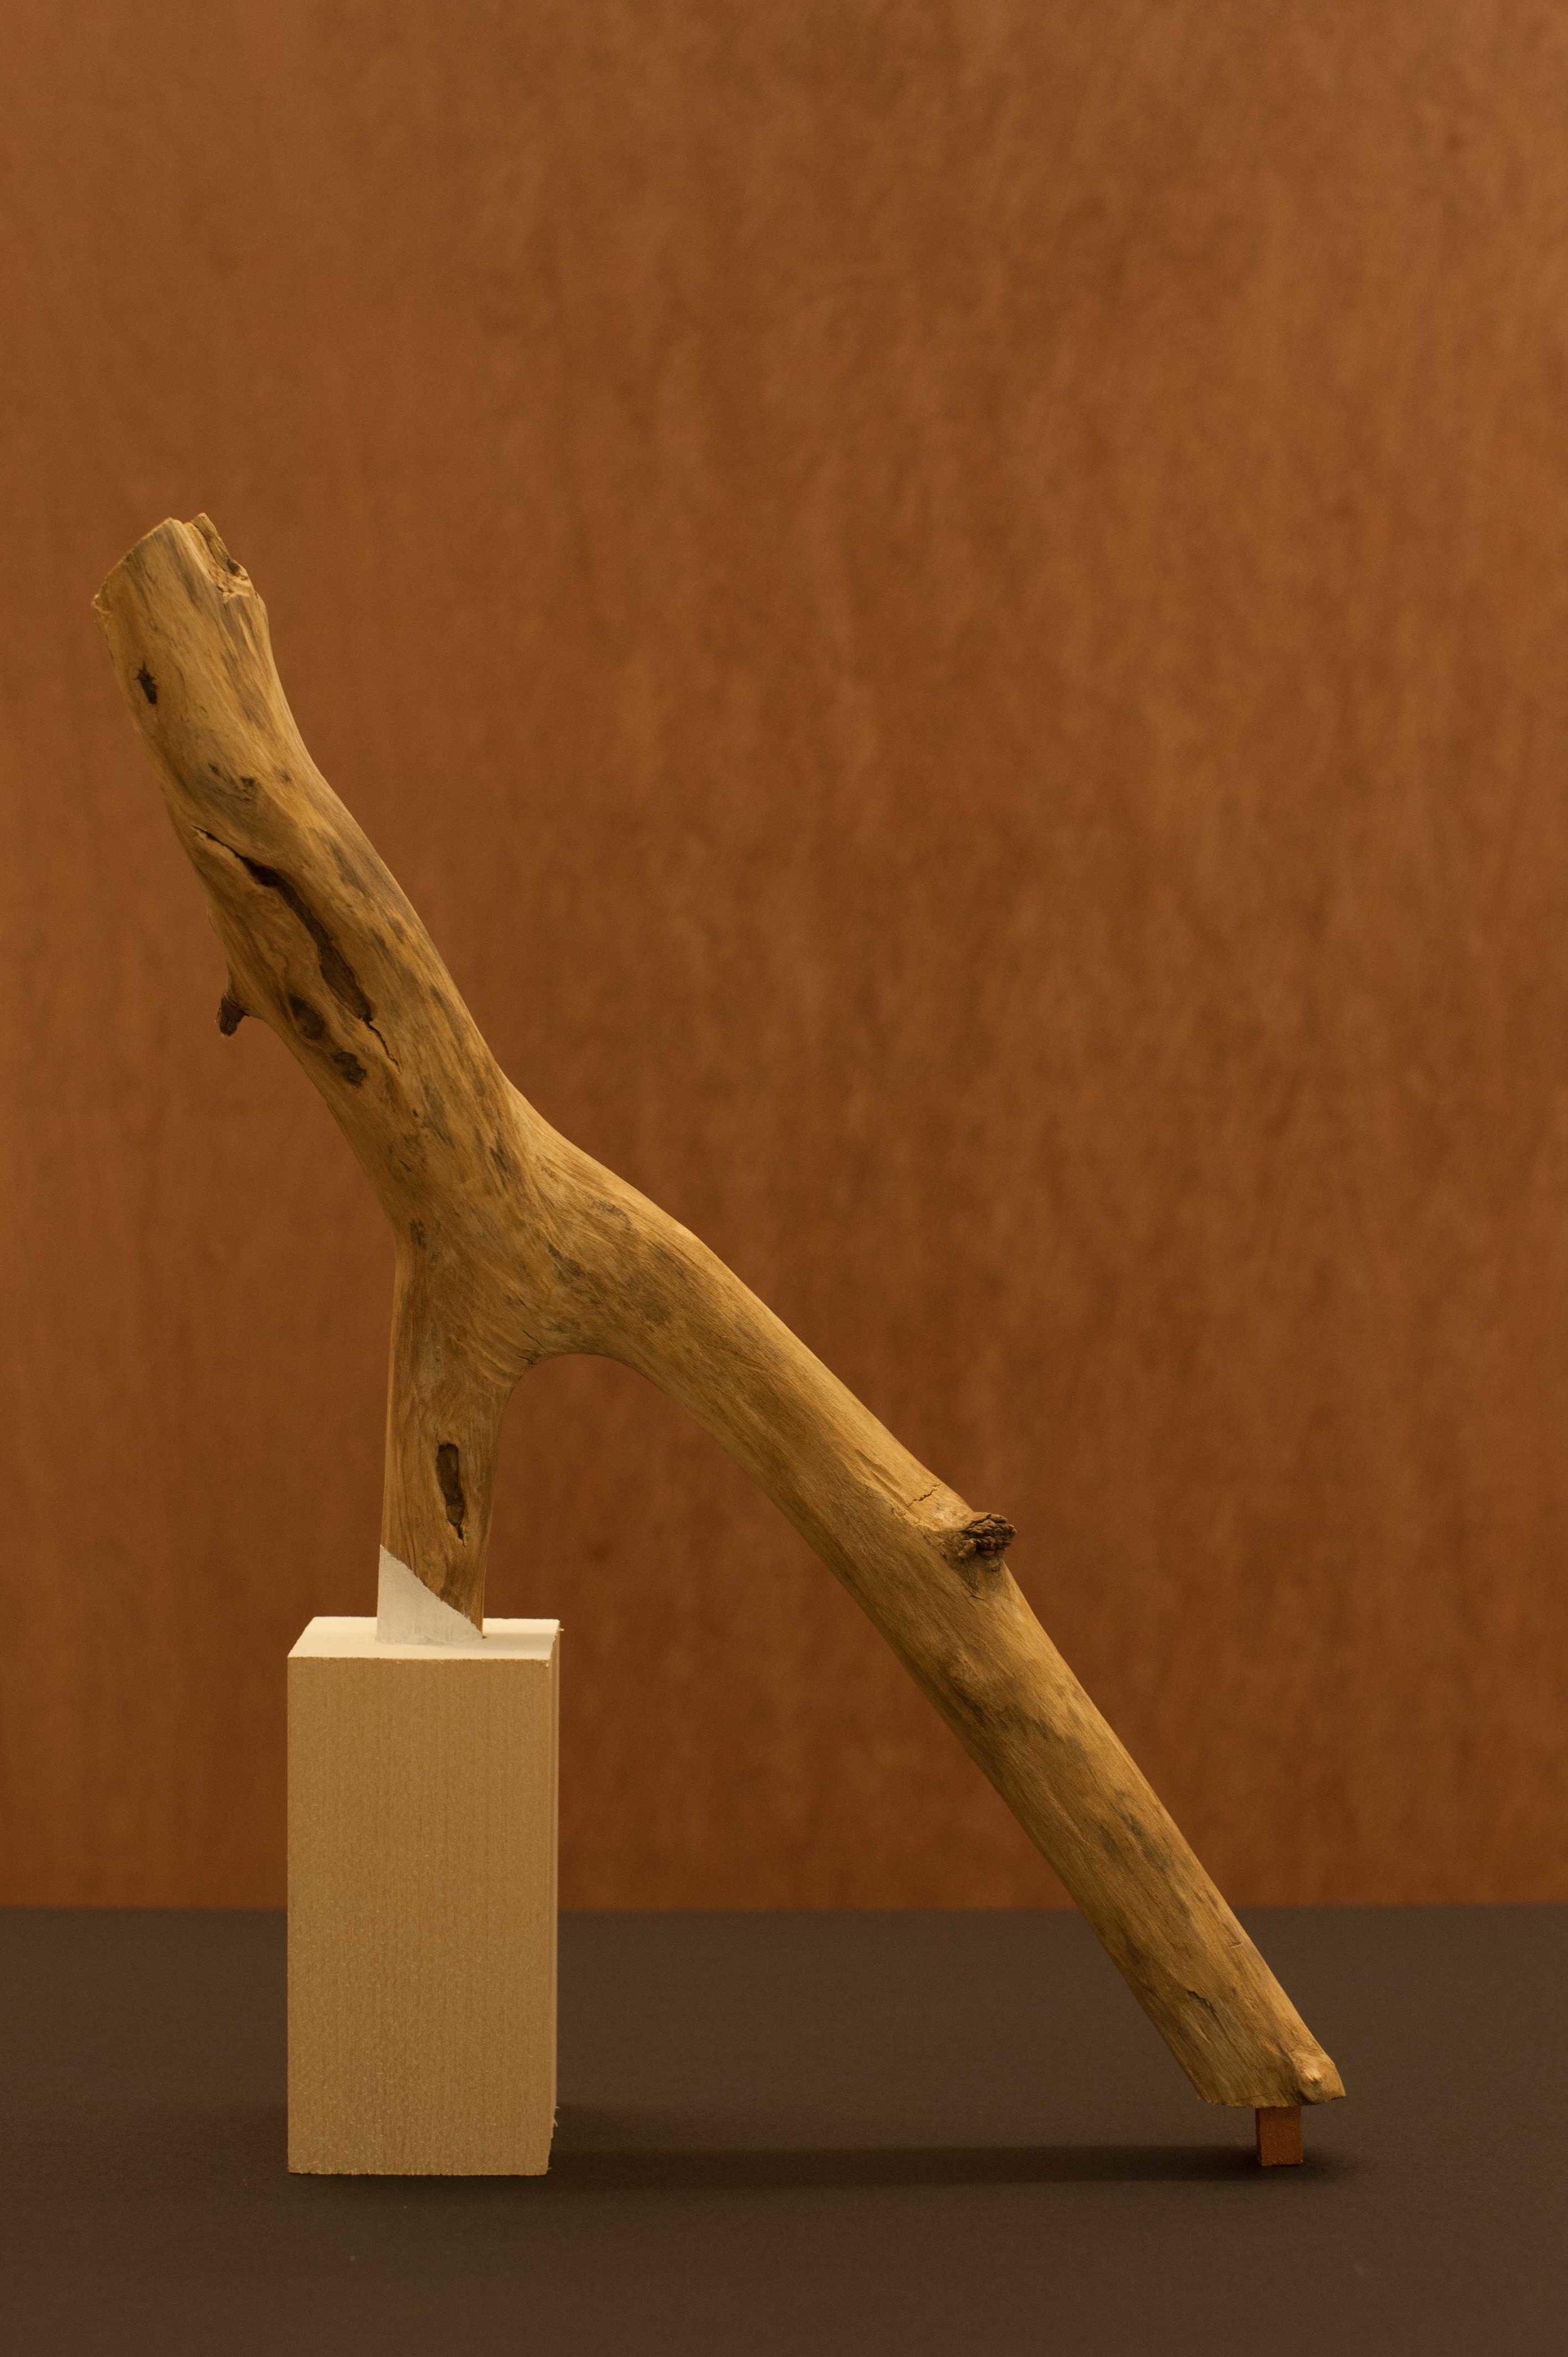 Vulture-Worship_8inx13in_Scultptural-Object_SANTIAGO.jpg